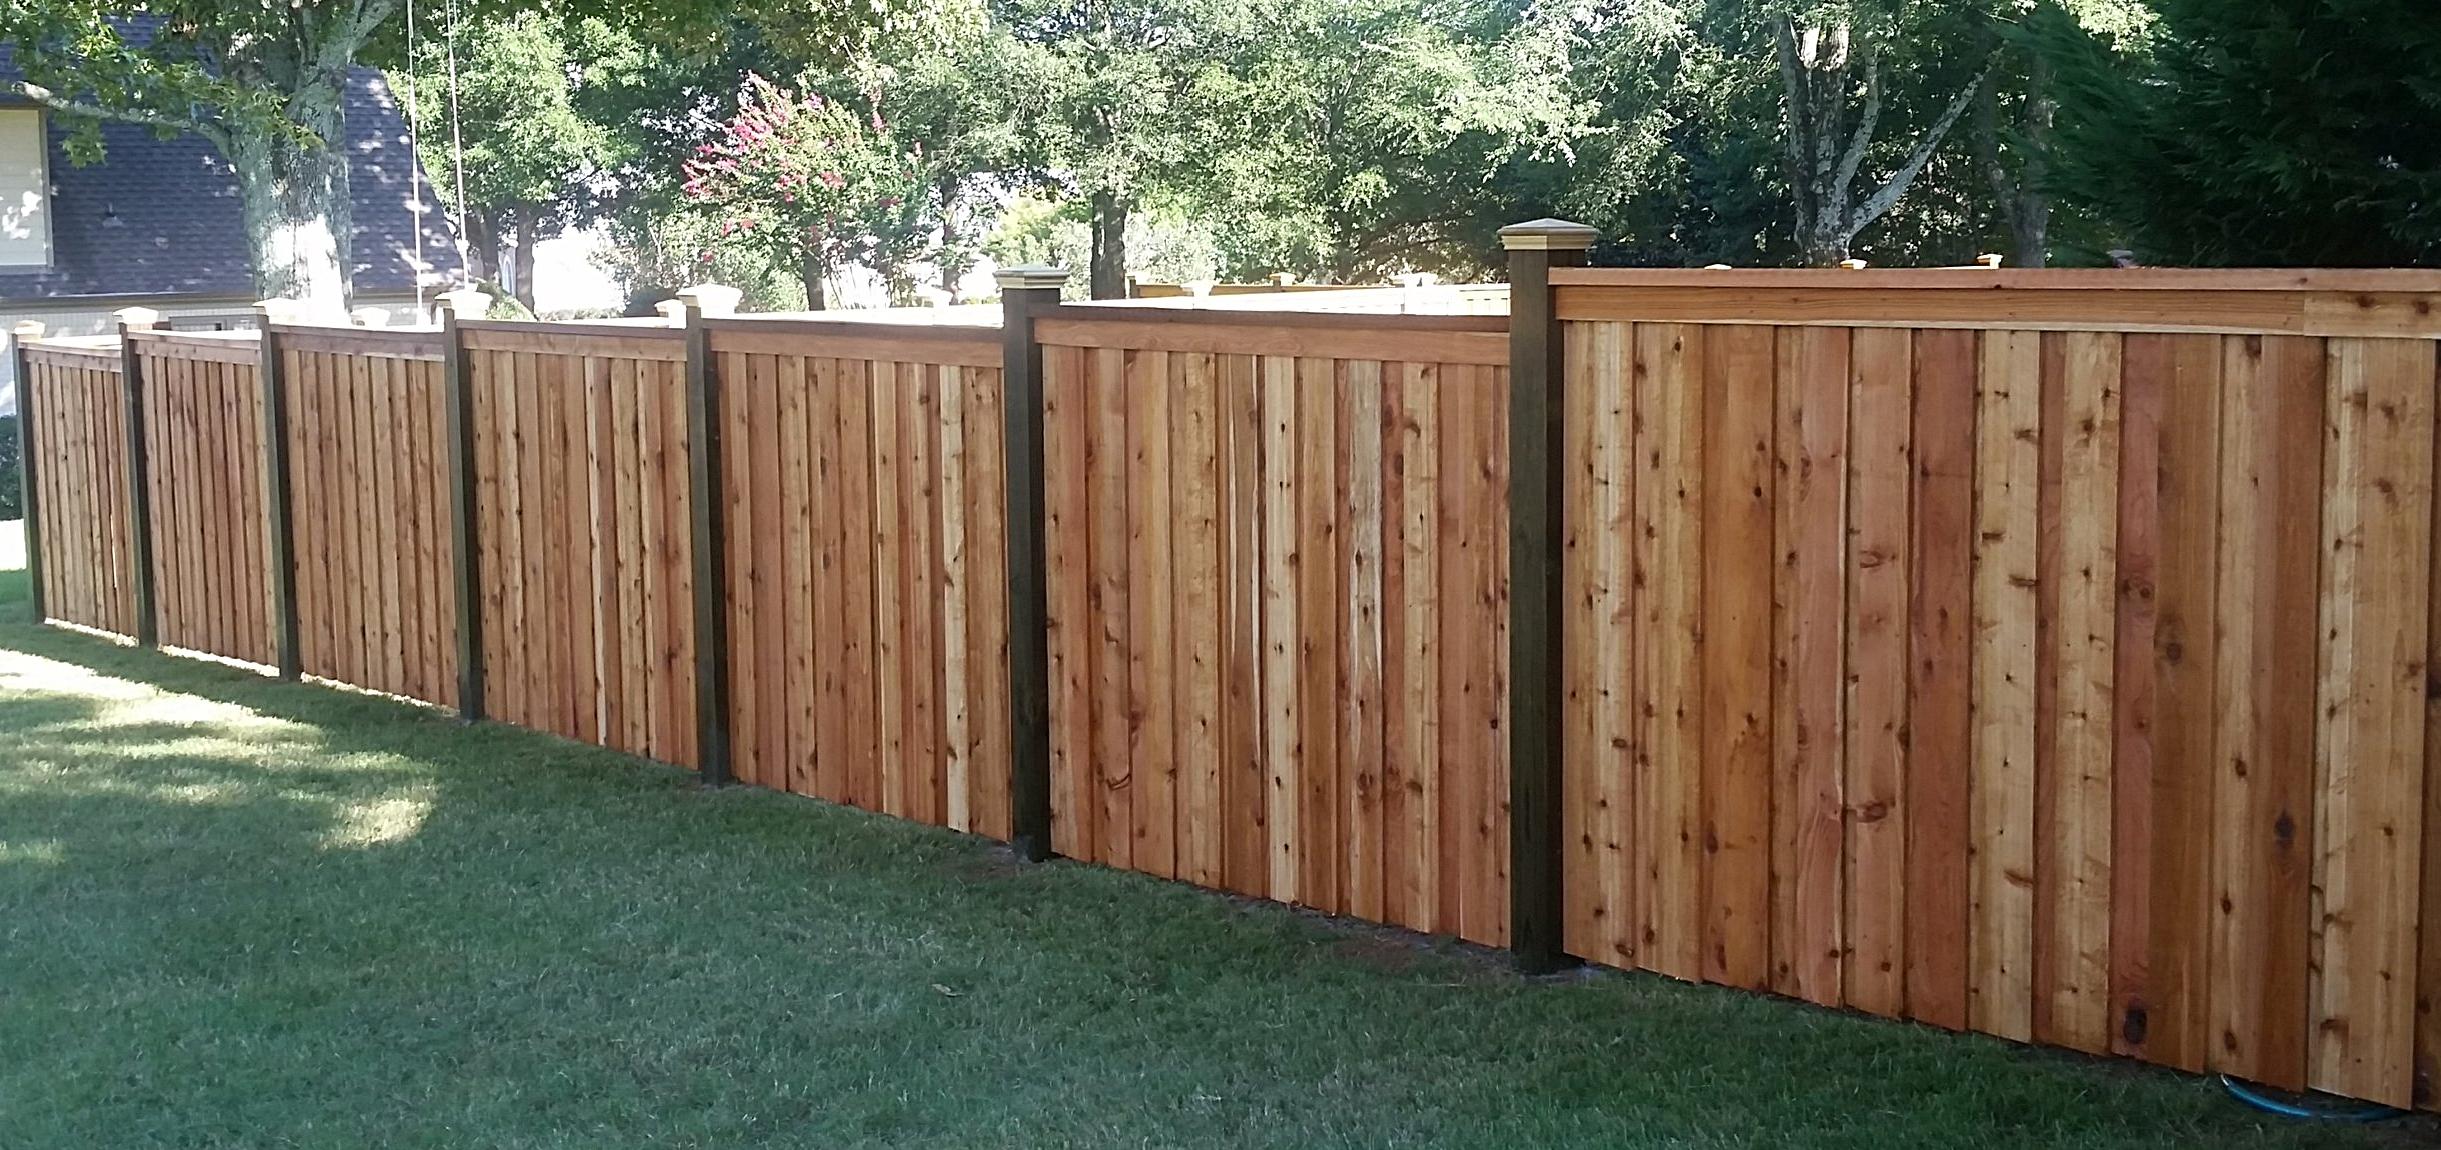 6' Panel Style Cedar Fencing